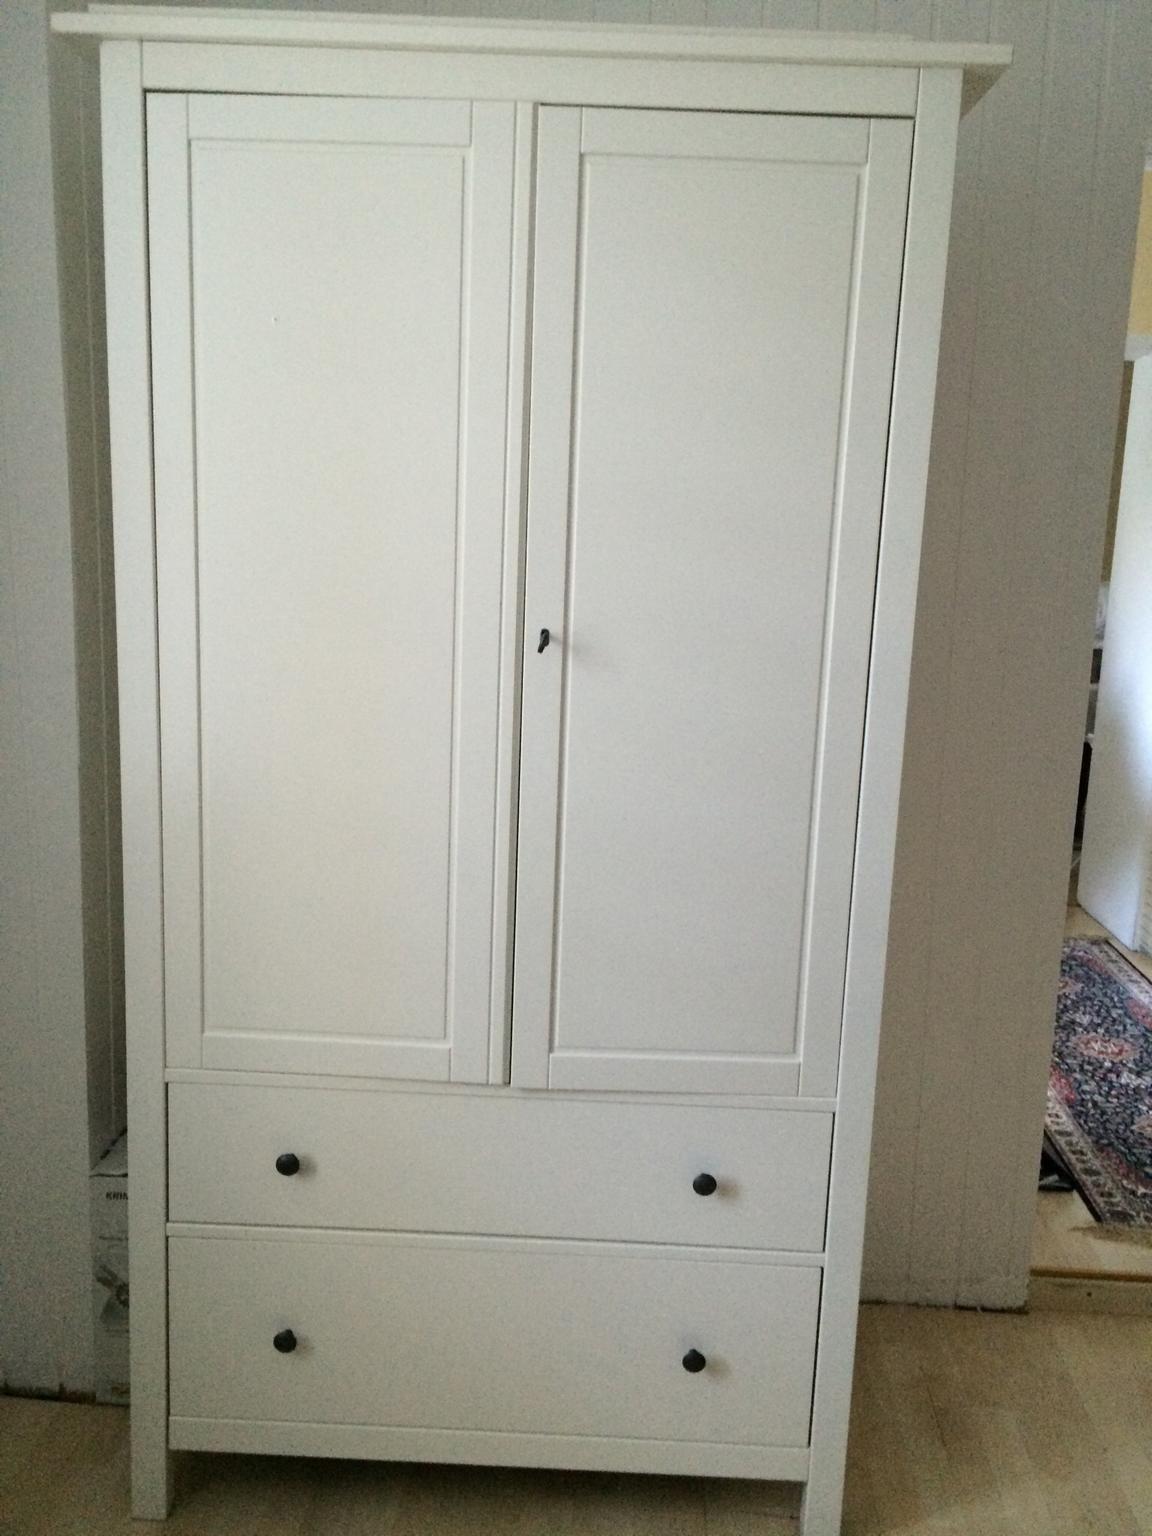 Ikea Kleiderschrank  Gebraucht Ikea Kleiderschrank Hemnes weiß in 4020 Linz um